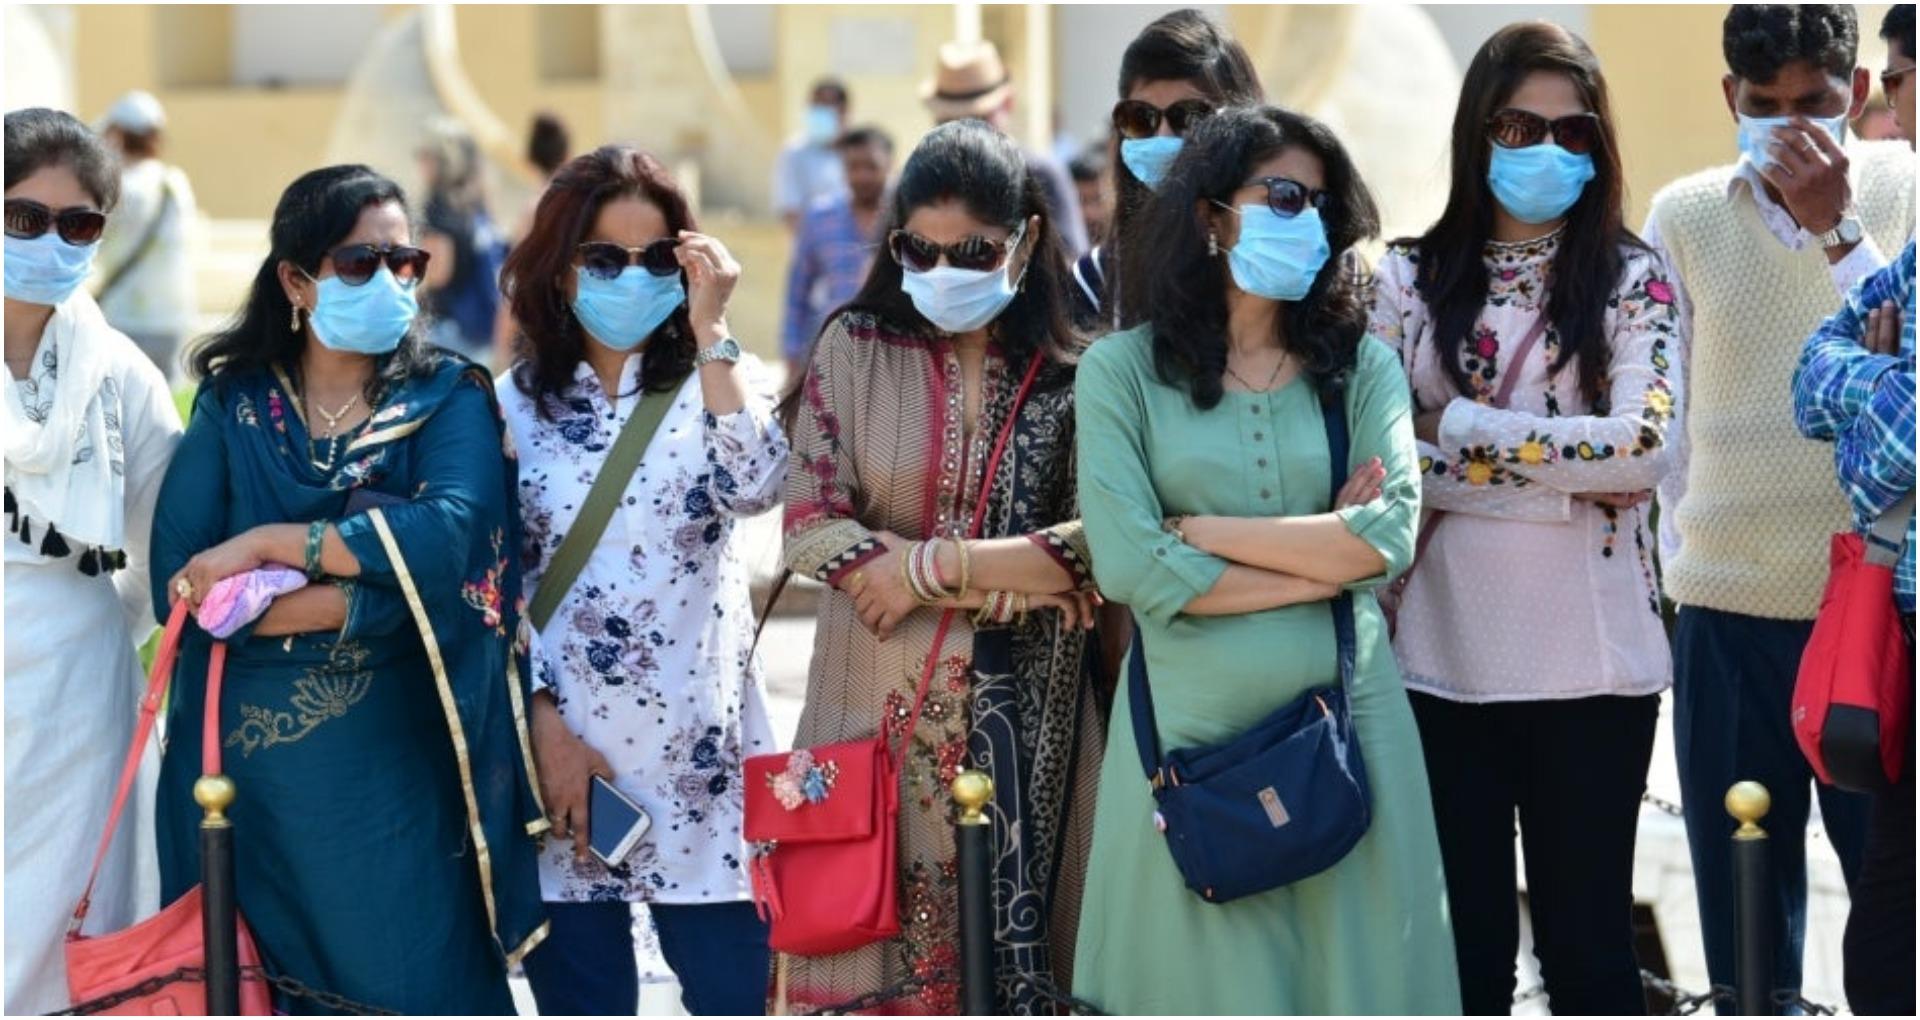 महाराष्ट्र में पहला Covid 19 अस्पताल, कोरोना के मरीजों की संख्या बढ़कर हुई 101, 3 पुणे और 1 सतारा से नए केस…